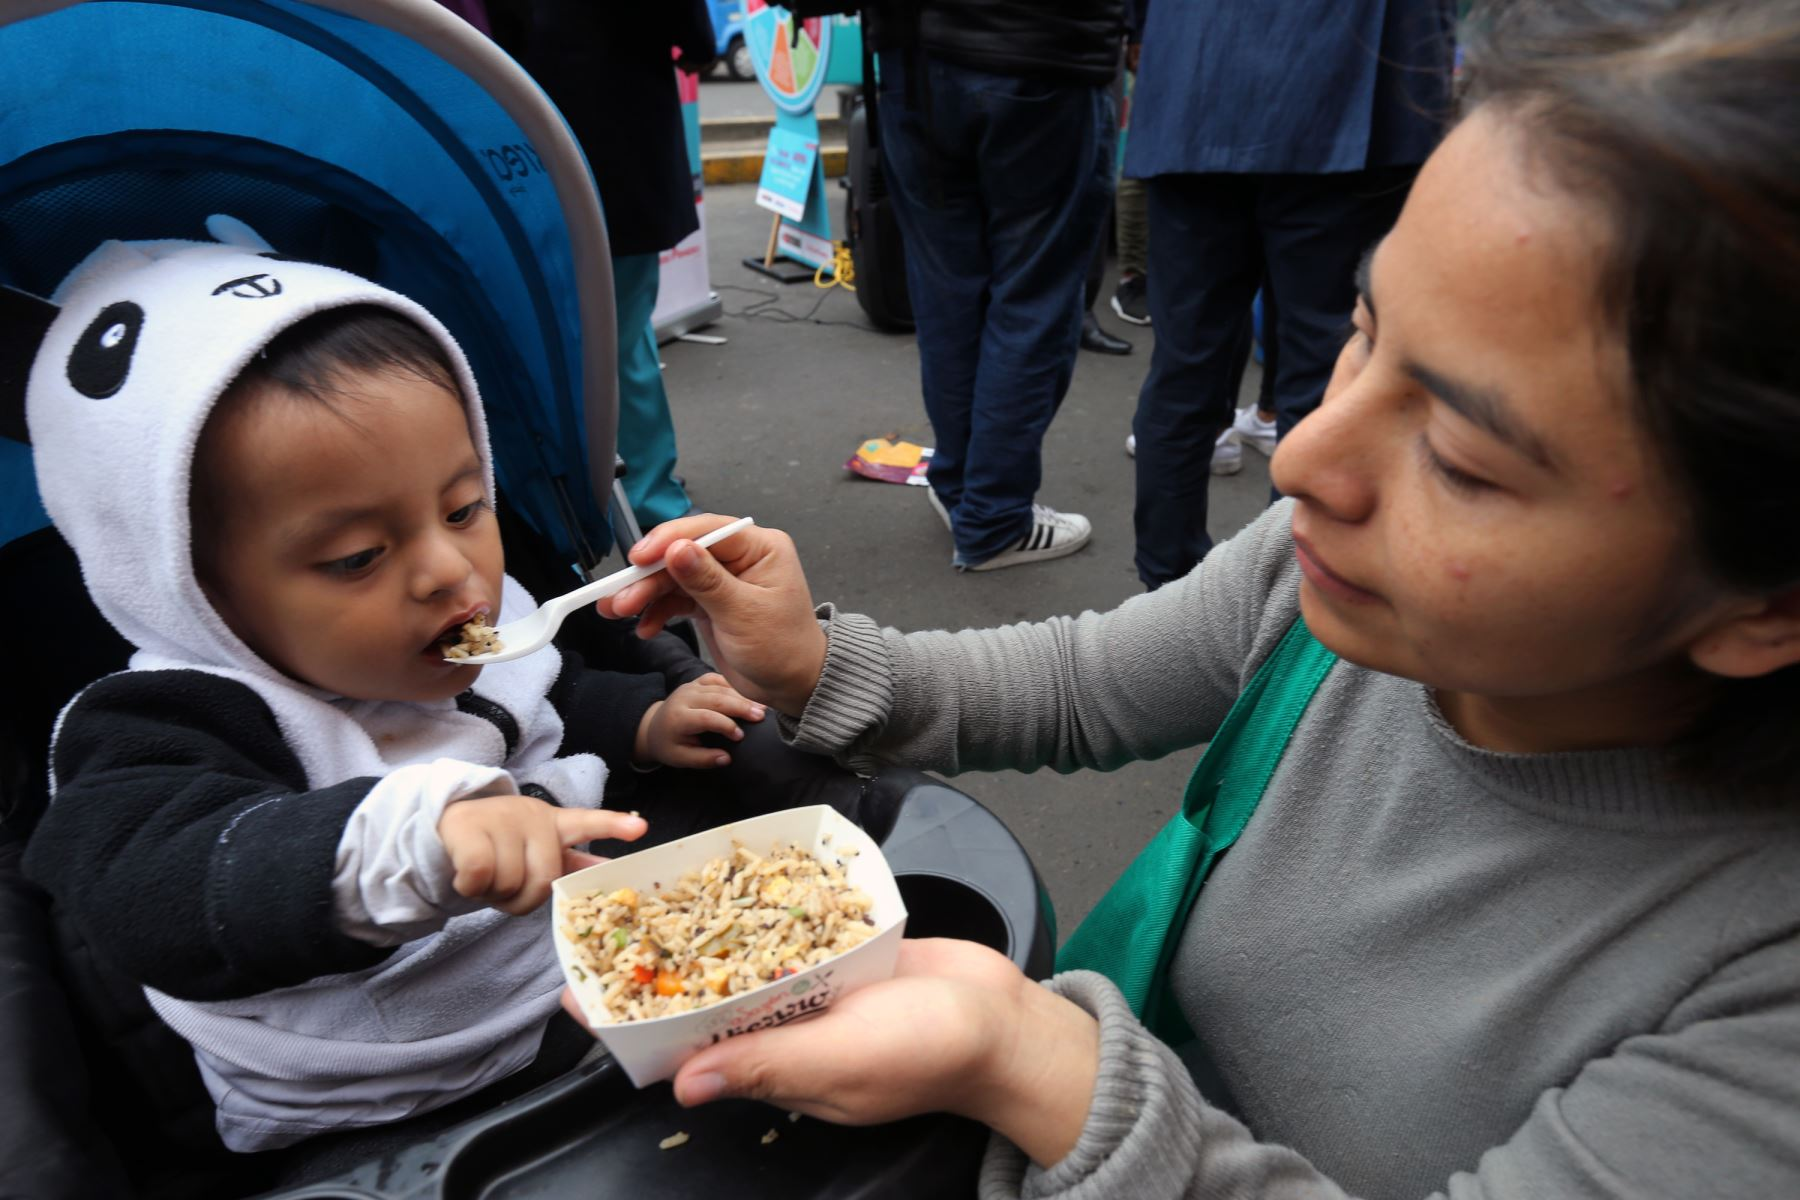 """Los Food Trucks """"Sazón de Hierro"""" del Ministerio de Salud  (Minsa) en alianza con empresa privada, repartieron  platos ricos en hierro en distrito de San Martín de Porres. Foto: ANDINA/Norman Córdova"""